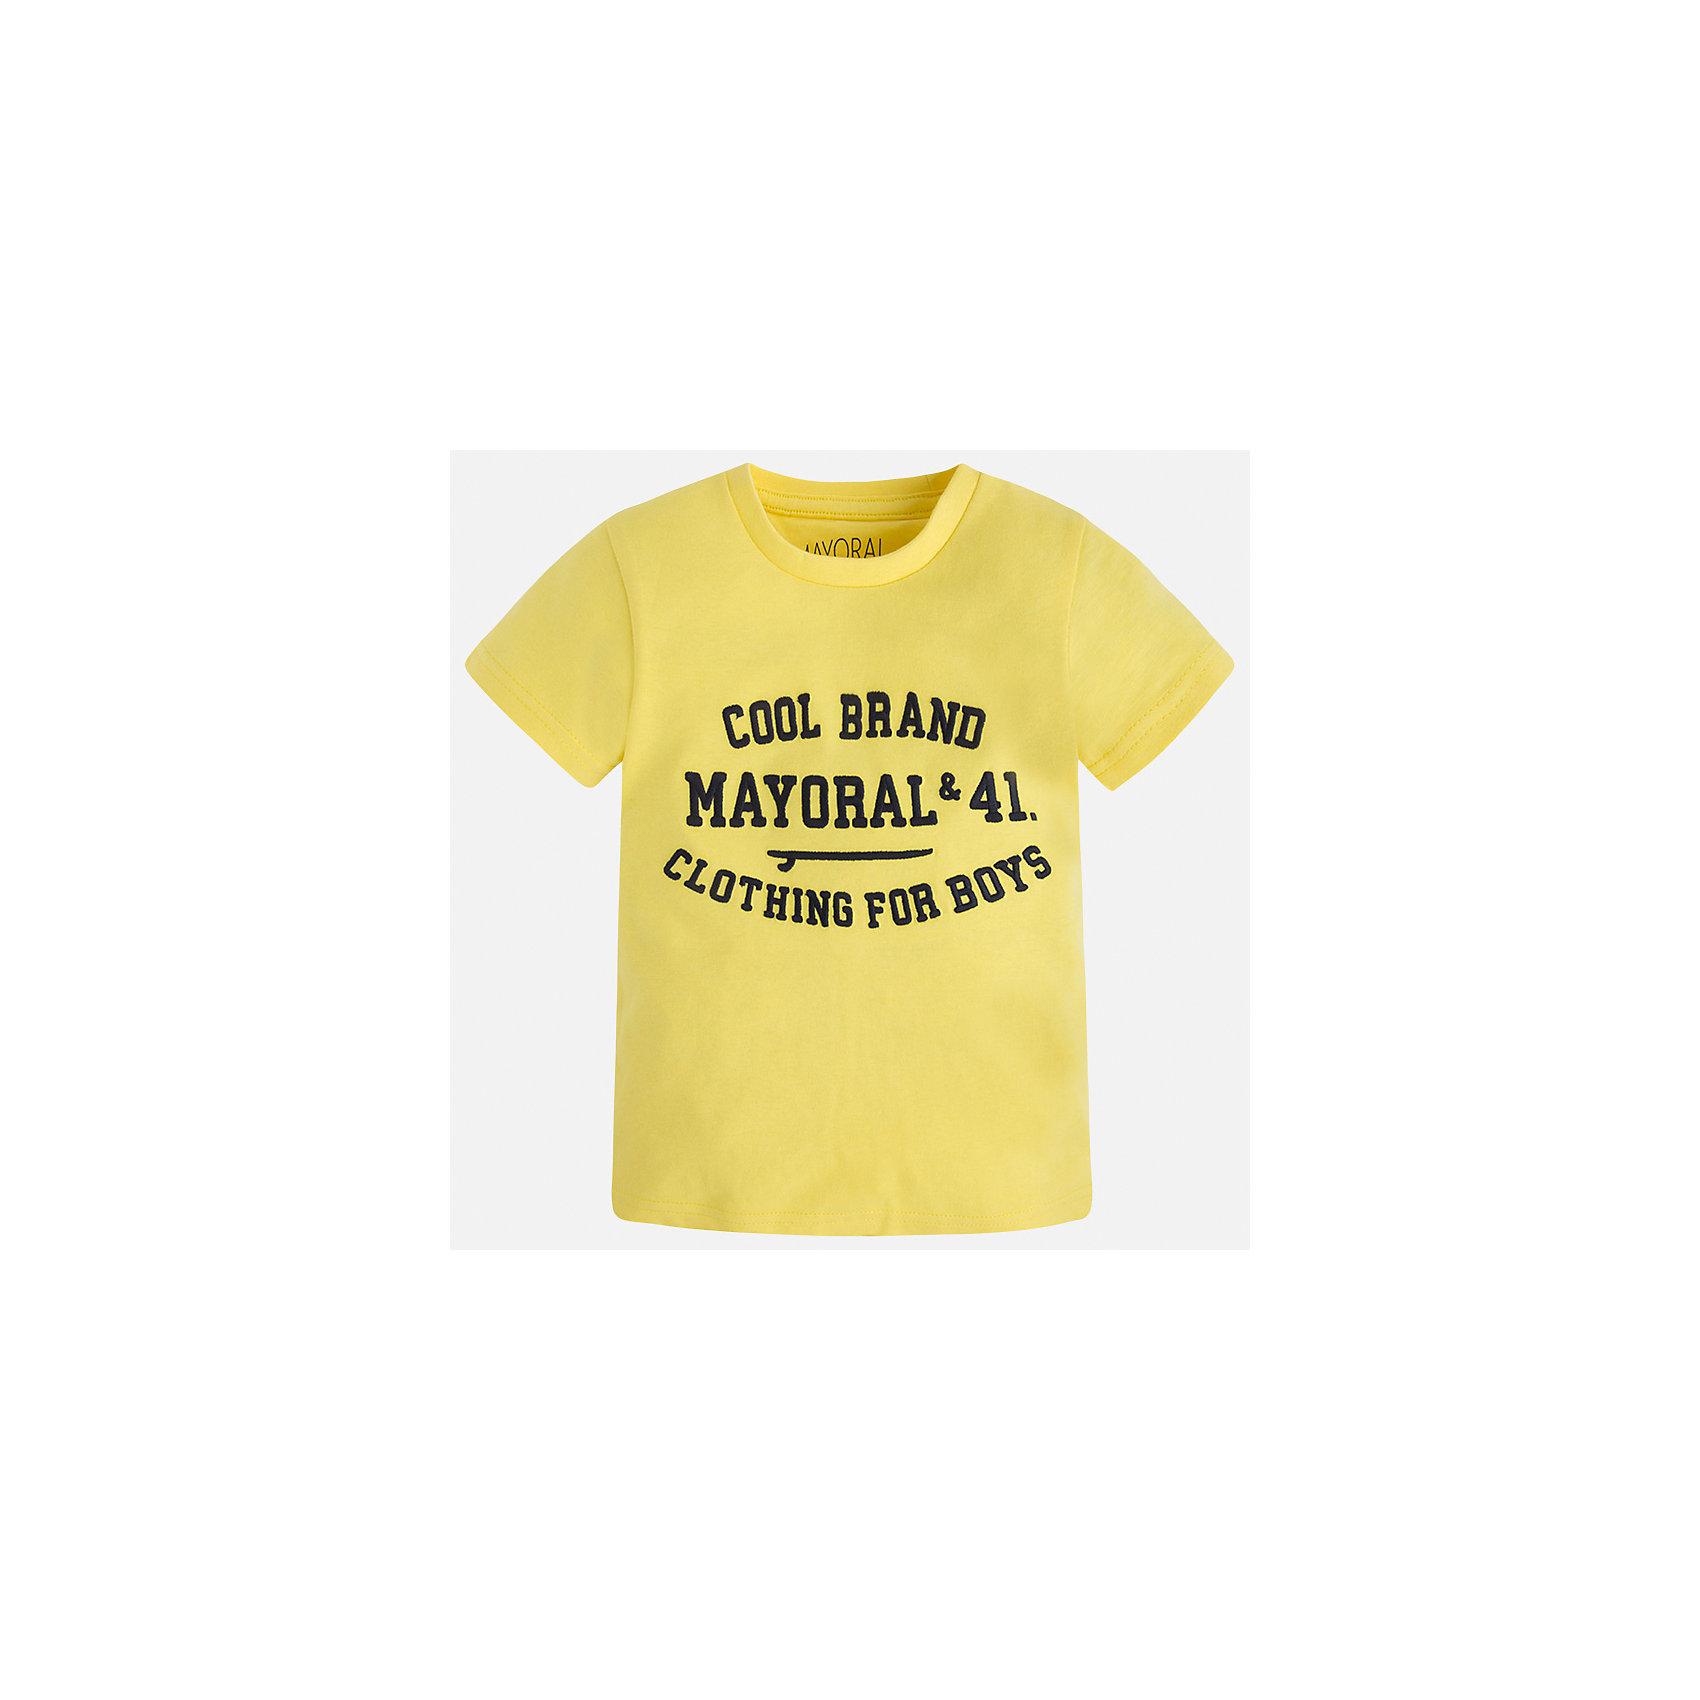 Футболка для мальчика MayoralФутболки, поло и топы<br>Характеристики товара:<br><br>• цвет: желтый<br>• состав: 100% хлопок<br>• мягкая отделка ворота<br>• короткие рукава<br>• округлая горловина<br>• декорирована принтом<br>• страна бренда: Испания<br><br>Стильная удобная футболка для мальчика может стать базовой вещью в гардеробе ребенка. Она отлично сочетается с брюками, шортами, джинсами. Универсальный крой и цвет позволяет подобрать к вещи низ разных расцветок. Практичное и стильное изделие! В составе материала - только натуральный хлопок, гипоаллергенный, приятный на ощупь, дышащий.<br><br>Одежда, обувь и аксессуары от испанского бренда Mayoral полюбились детям и взрослым по всему миру. Модели этой марки - стильные и удобные. Для их производства используются только безопасные, качественные материалы и фурнитура. Порадуйте ребенка модными и красивыми вещами от Mayoral! <br><br>Футболку для мальчика от испанского бренда Mayoral (Майорал) можно купить в нашем интернет-магазине.<br><br>Ширина мм: 199<br>Глубина мм: 10<br>Высота мм: 161<br>Вес г: 151<br>Цвет: желтый<br>Возраст от месяцев: 24<br>Возраст до месяцев: 36<br>Пол: Мужской<br>Возраст: Детский<br>Размер: 98,92,104,110,116,134,122,128<br>SKU: 5277839